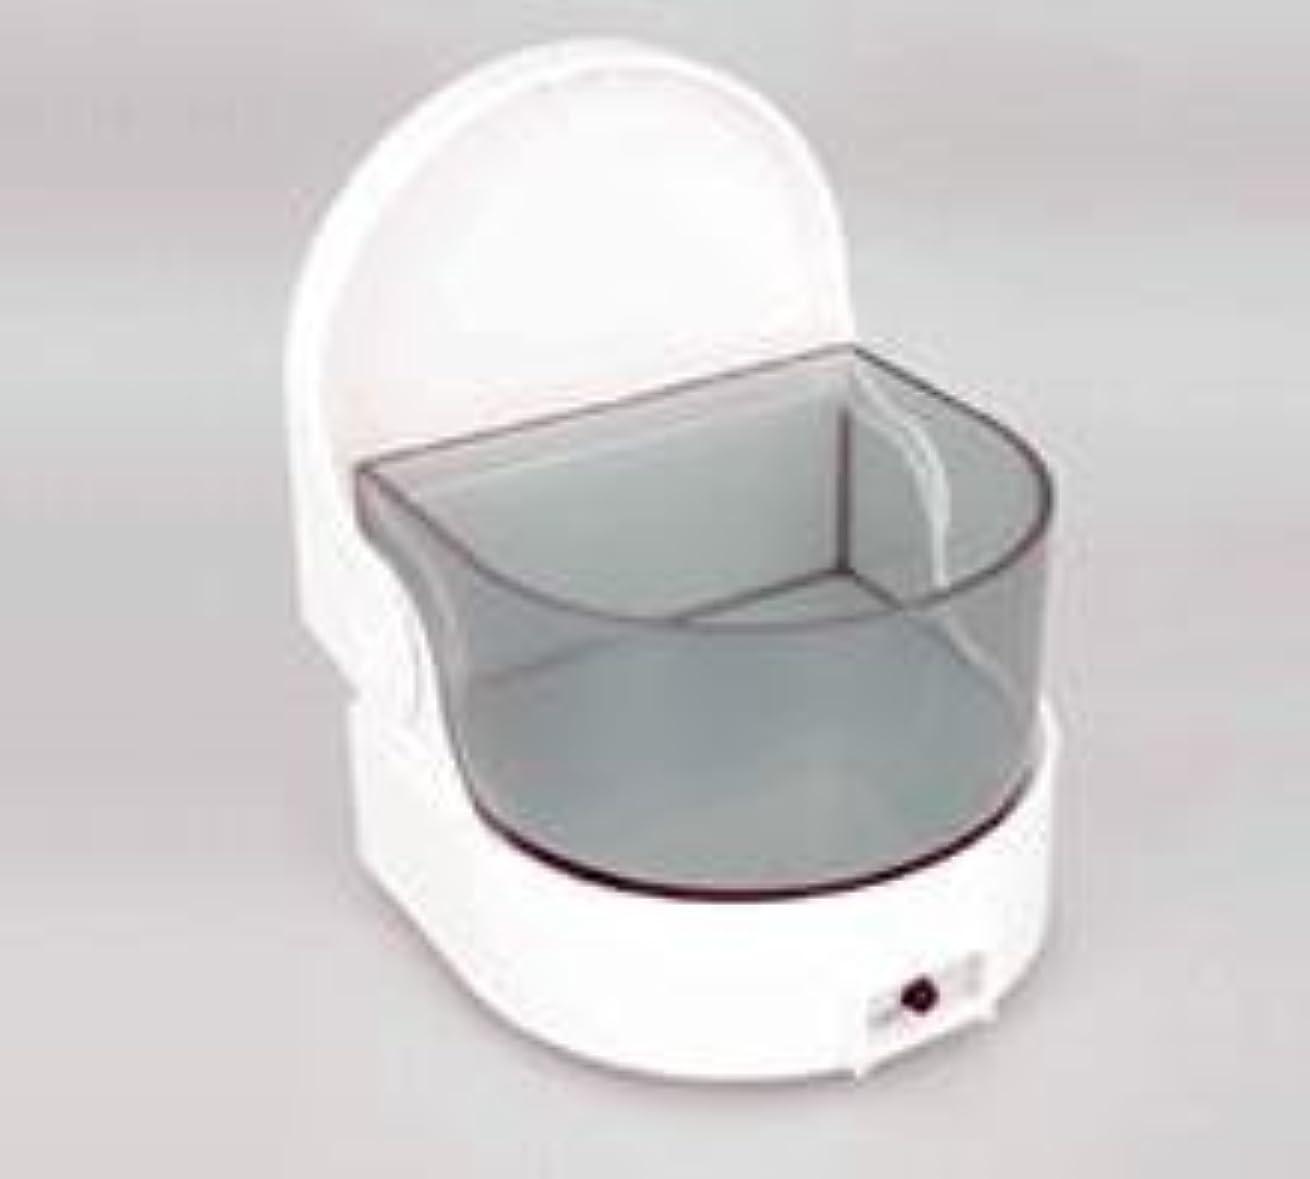 プログレッシブプレゼントチャンピオン義歯洗浄保存容器 ピュア デンチャークリーナー タイマー付